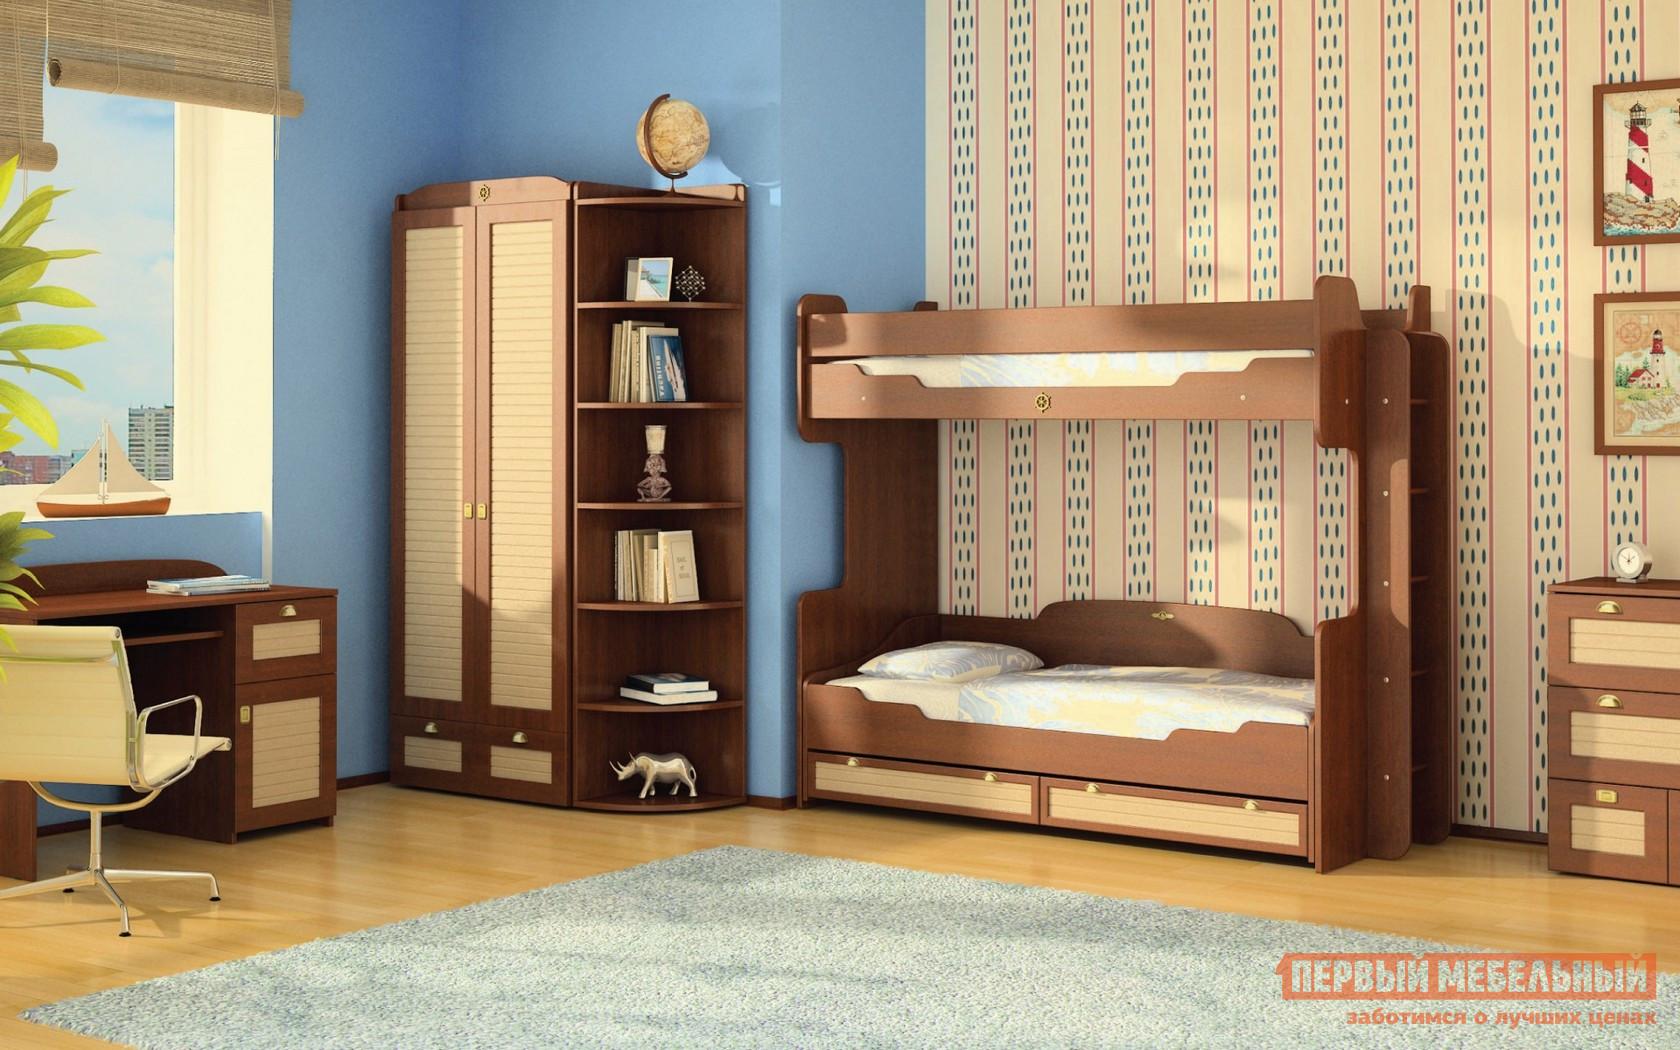 Комплект детской мебели ТД Арника Робинзон К1 комплект детской мебели трия аватар лаванда к1